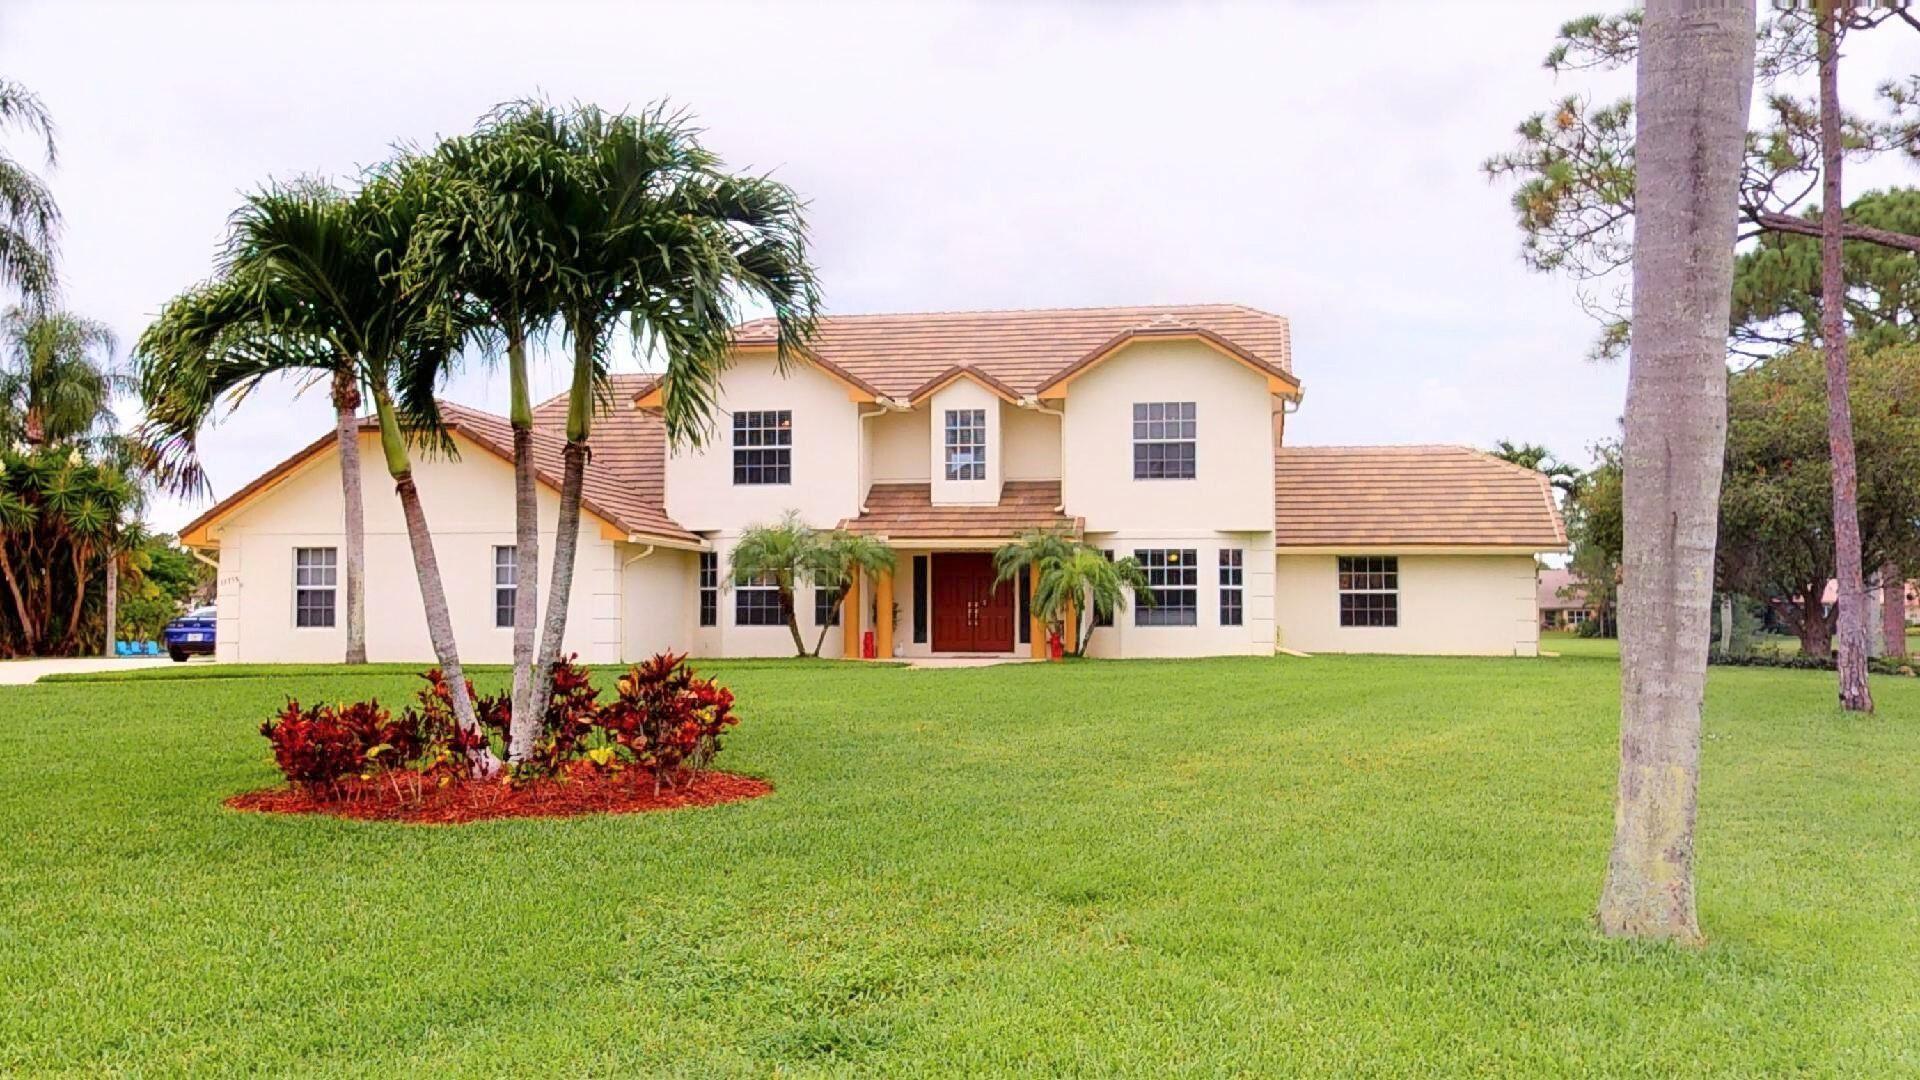 11759 Riverchase Run, West Palm Beach, FL 33412 - #: RX-10724490